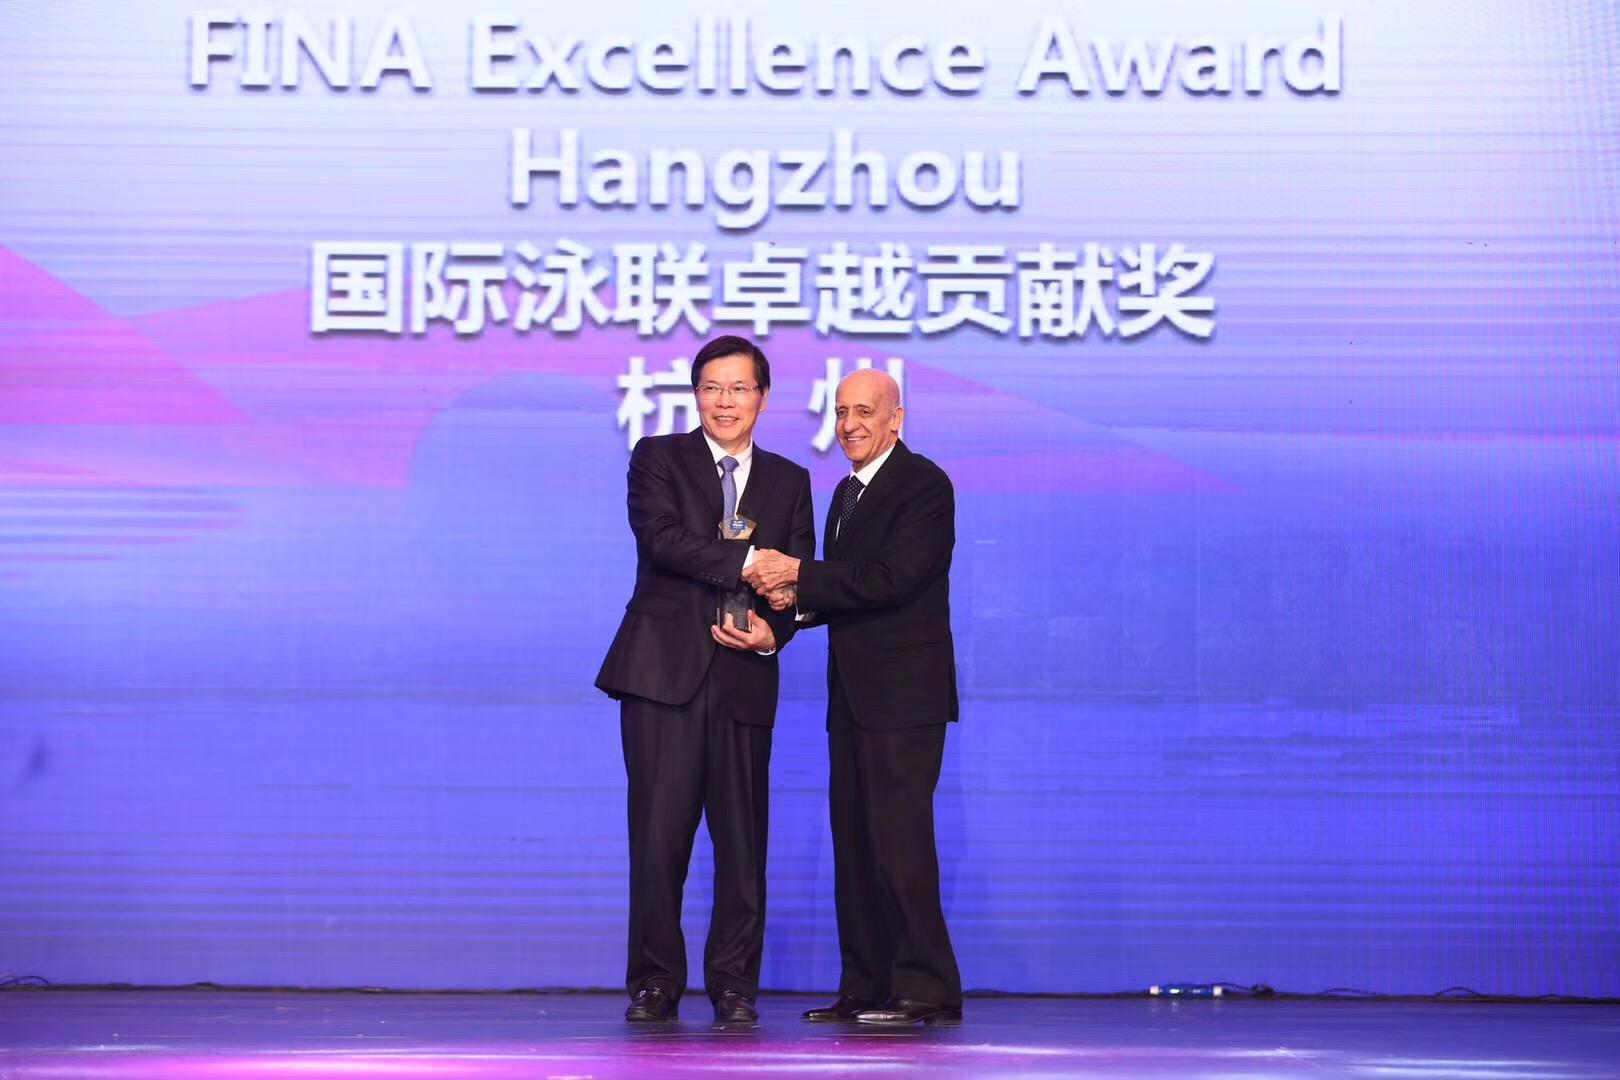 国际泳联颁奖盛典在杭州举行 胡里奥成岳冲徐立毅出席